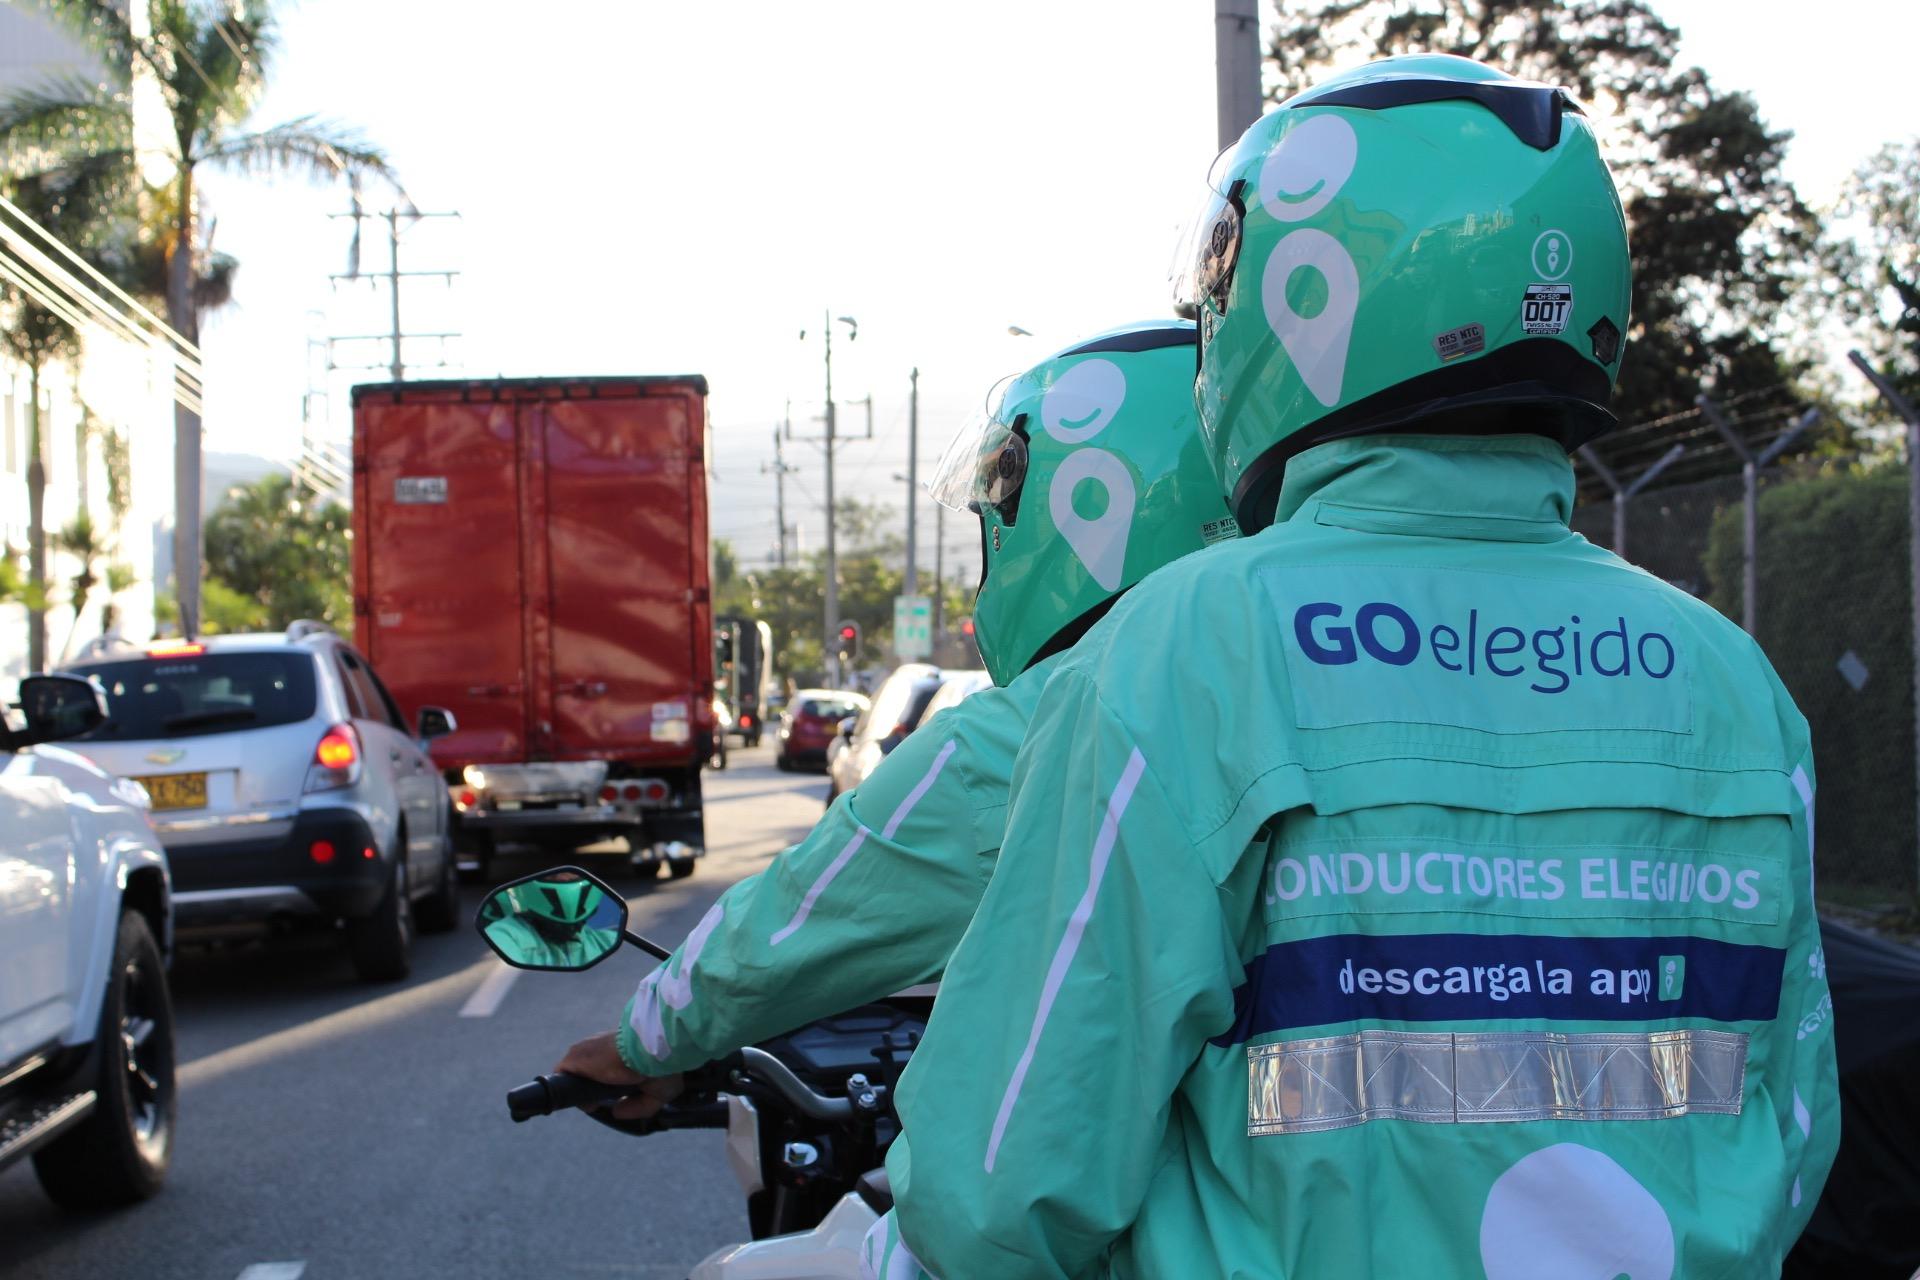 ¿Cómo ser conductor elegido en Bogotá?